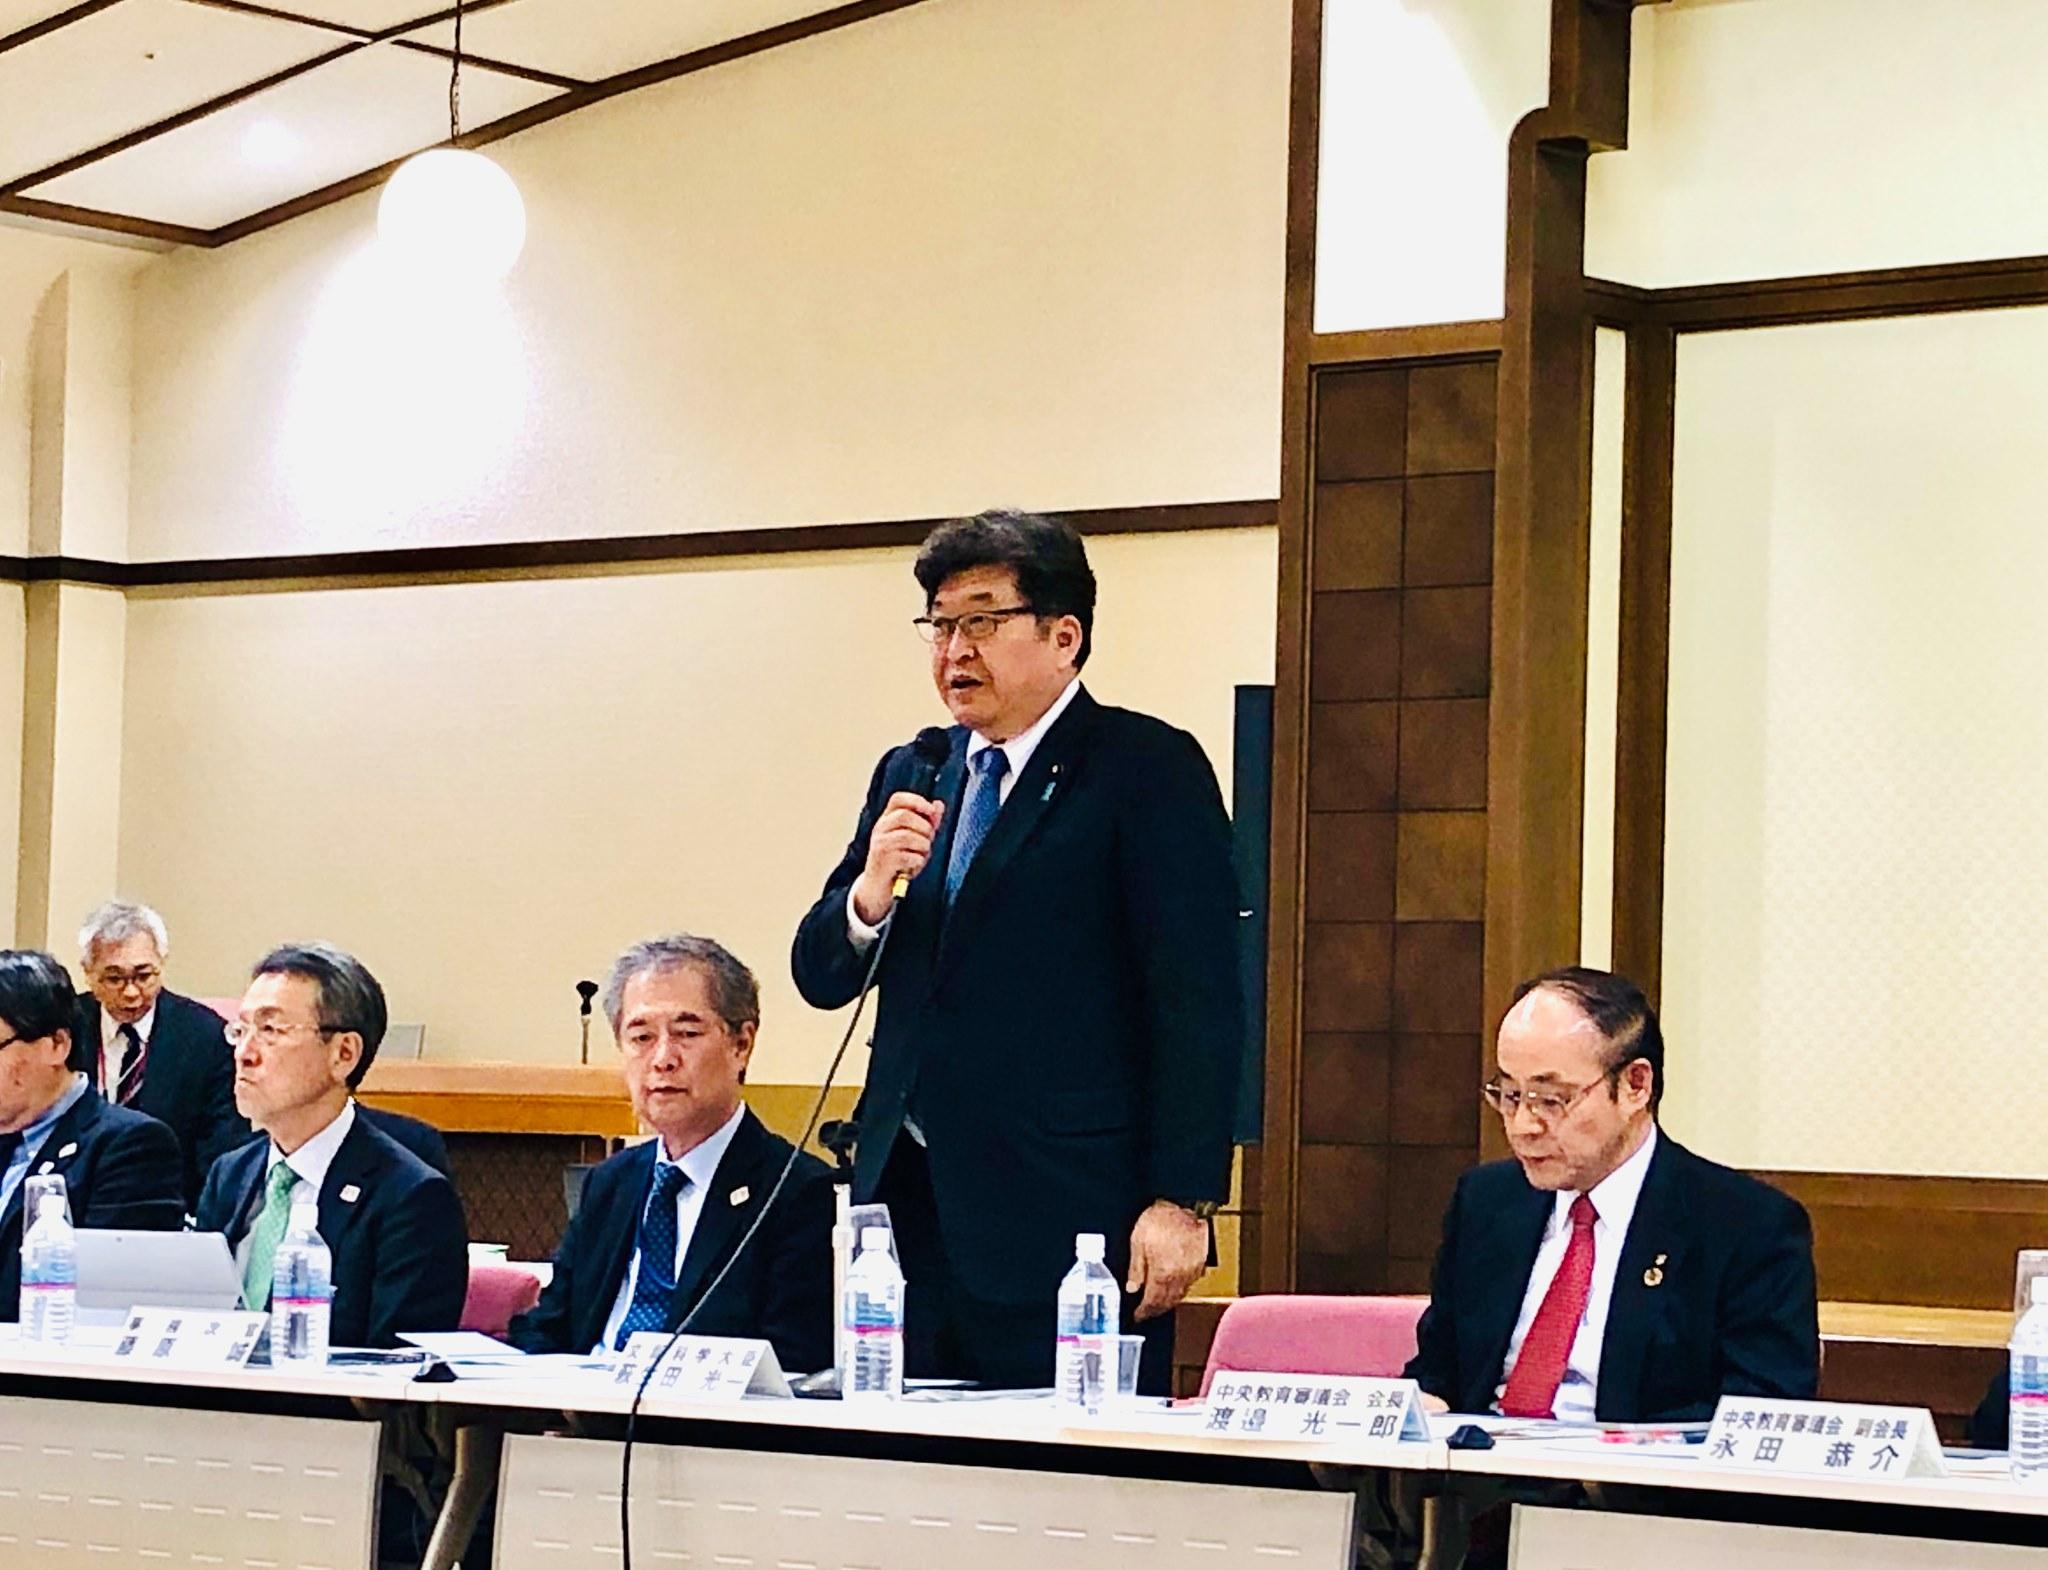 中央教育審議会総会に参加しました。